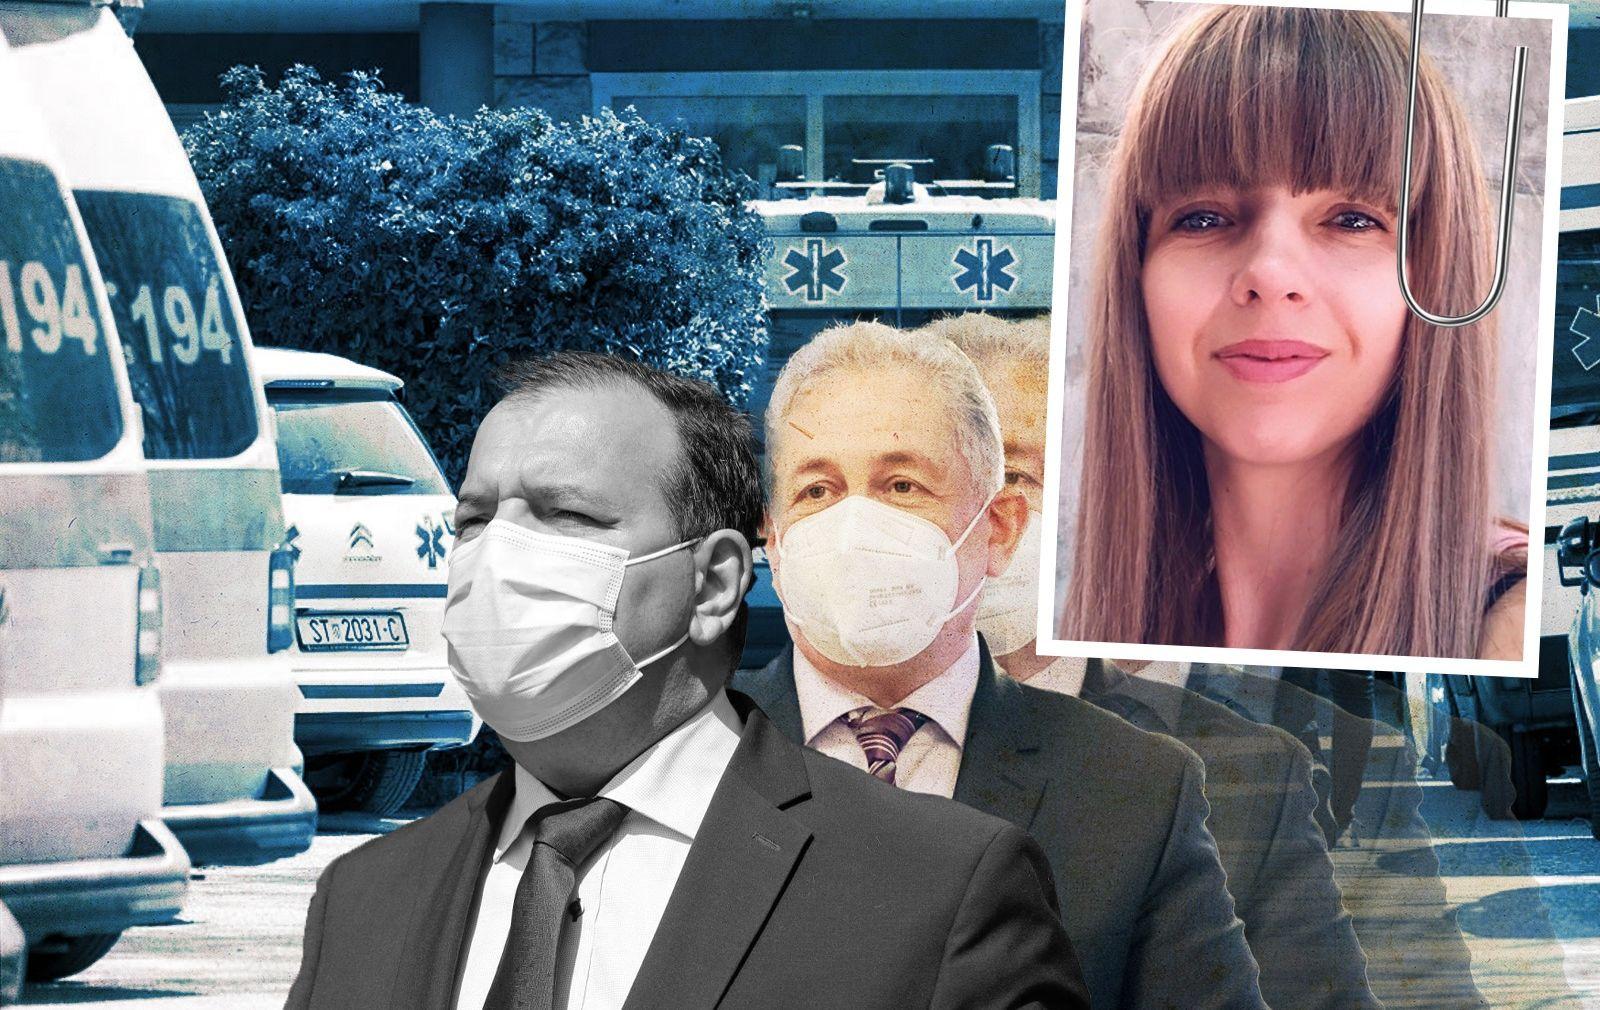 Novi Berošev skandal: I bivši HDZ-ov ministar dobit će milijun kuna. Da bi nadzirao čuvenu cvjećarku u IT poslovima